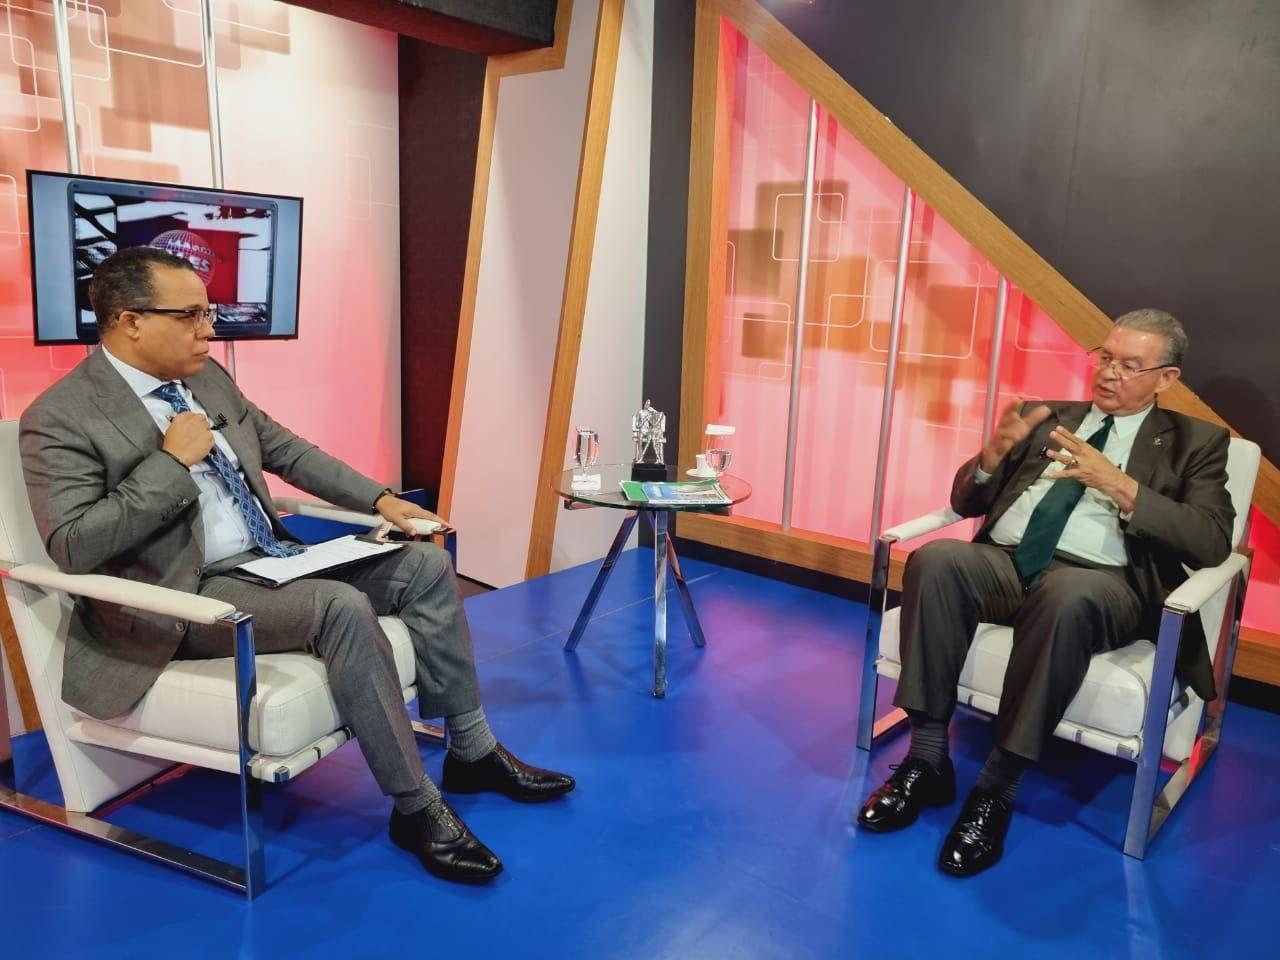 Instituto Duartiano advierte inestabilidad política de Haití afectan soberanía de la República Dominicana